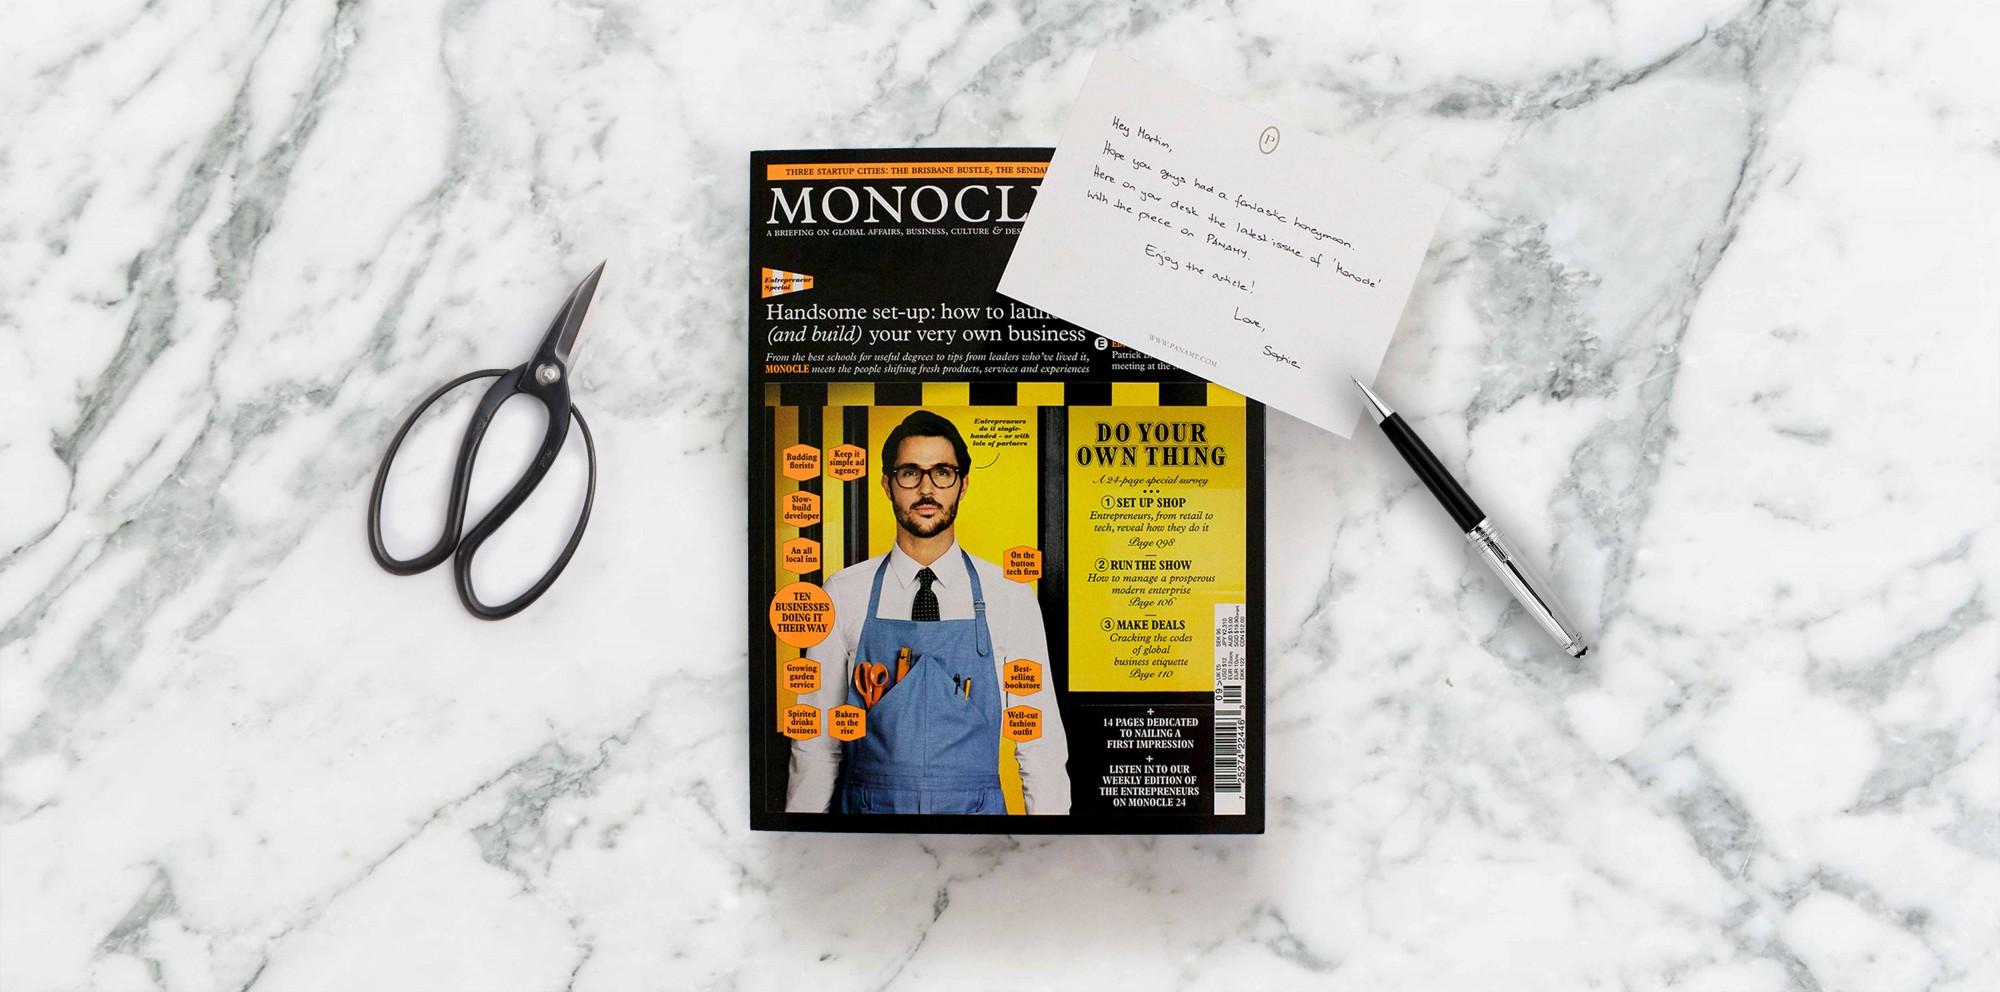 PANAMY dans le numéro de septembre de Monocle - Livraison Fleurs en Suisse - PANAMY Geneve, Lausanne, Bale, Zürich, Sion, Montreux, Fribourg